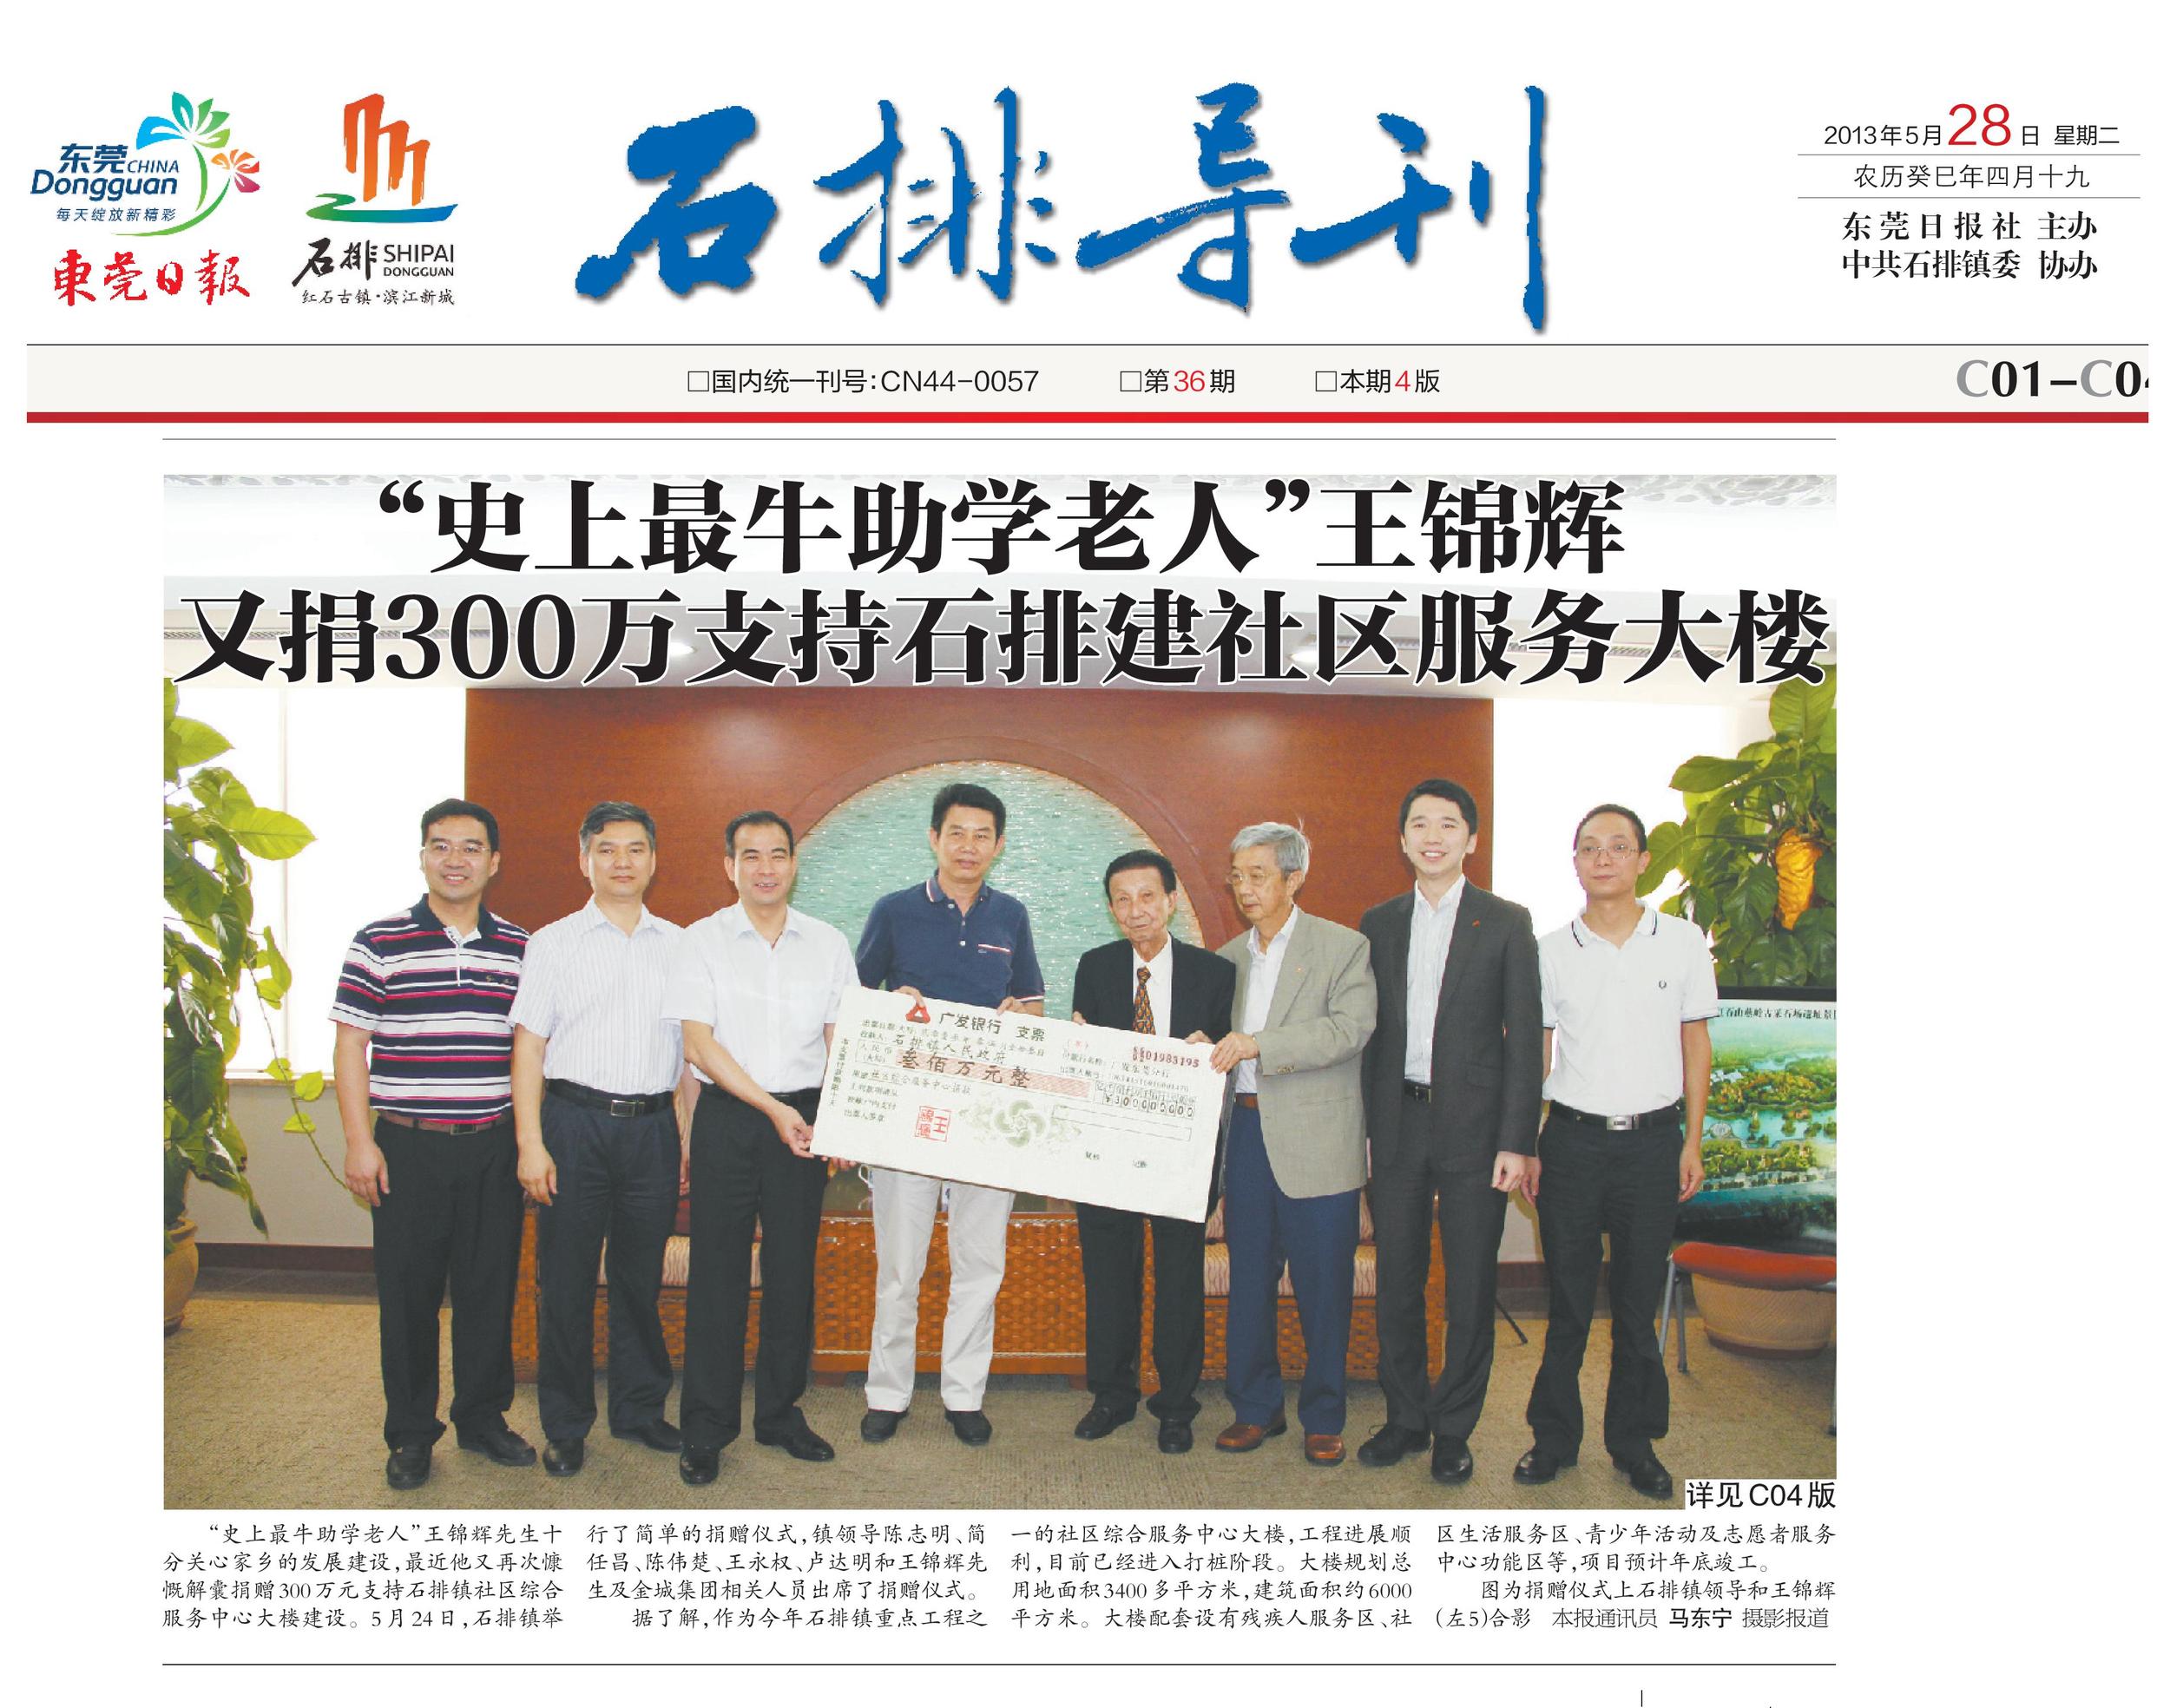 20090610_『史上最強助學老人』王錦輝 又捐300萬支援石排建社區服務大樓